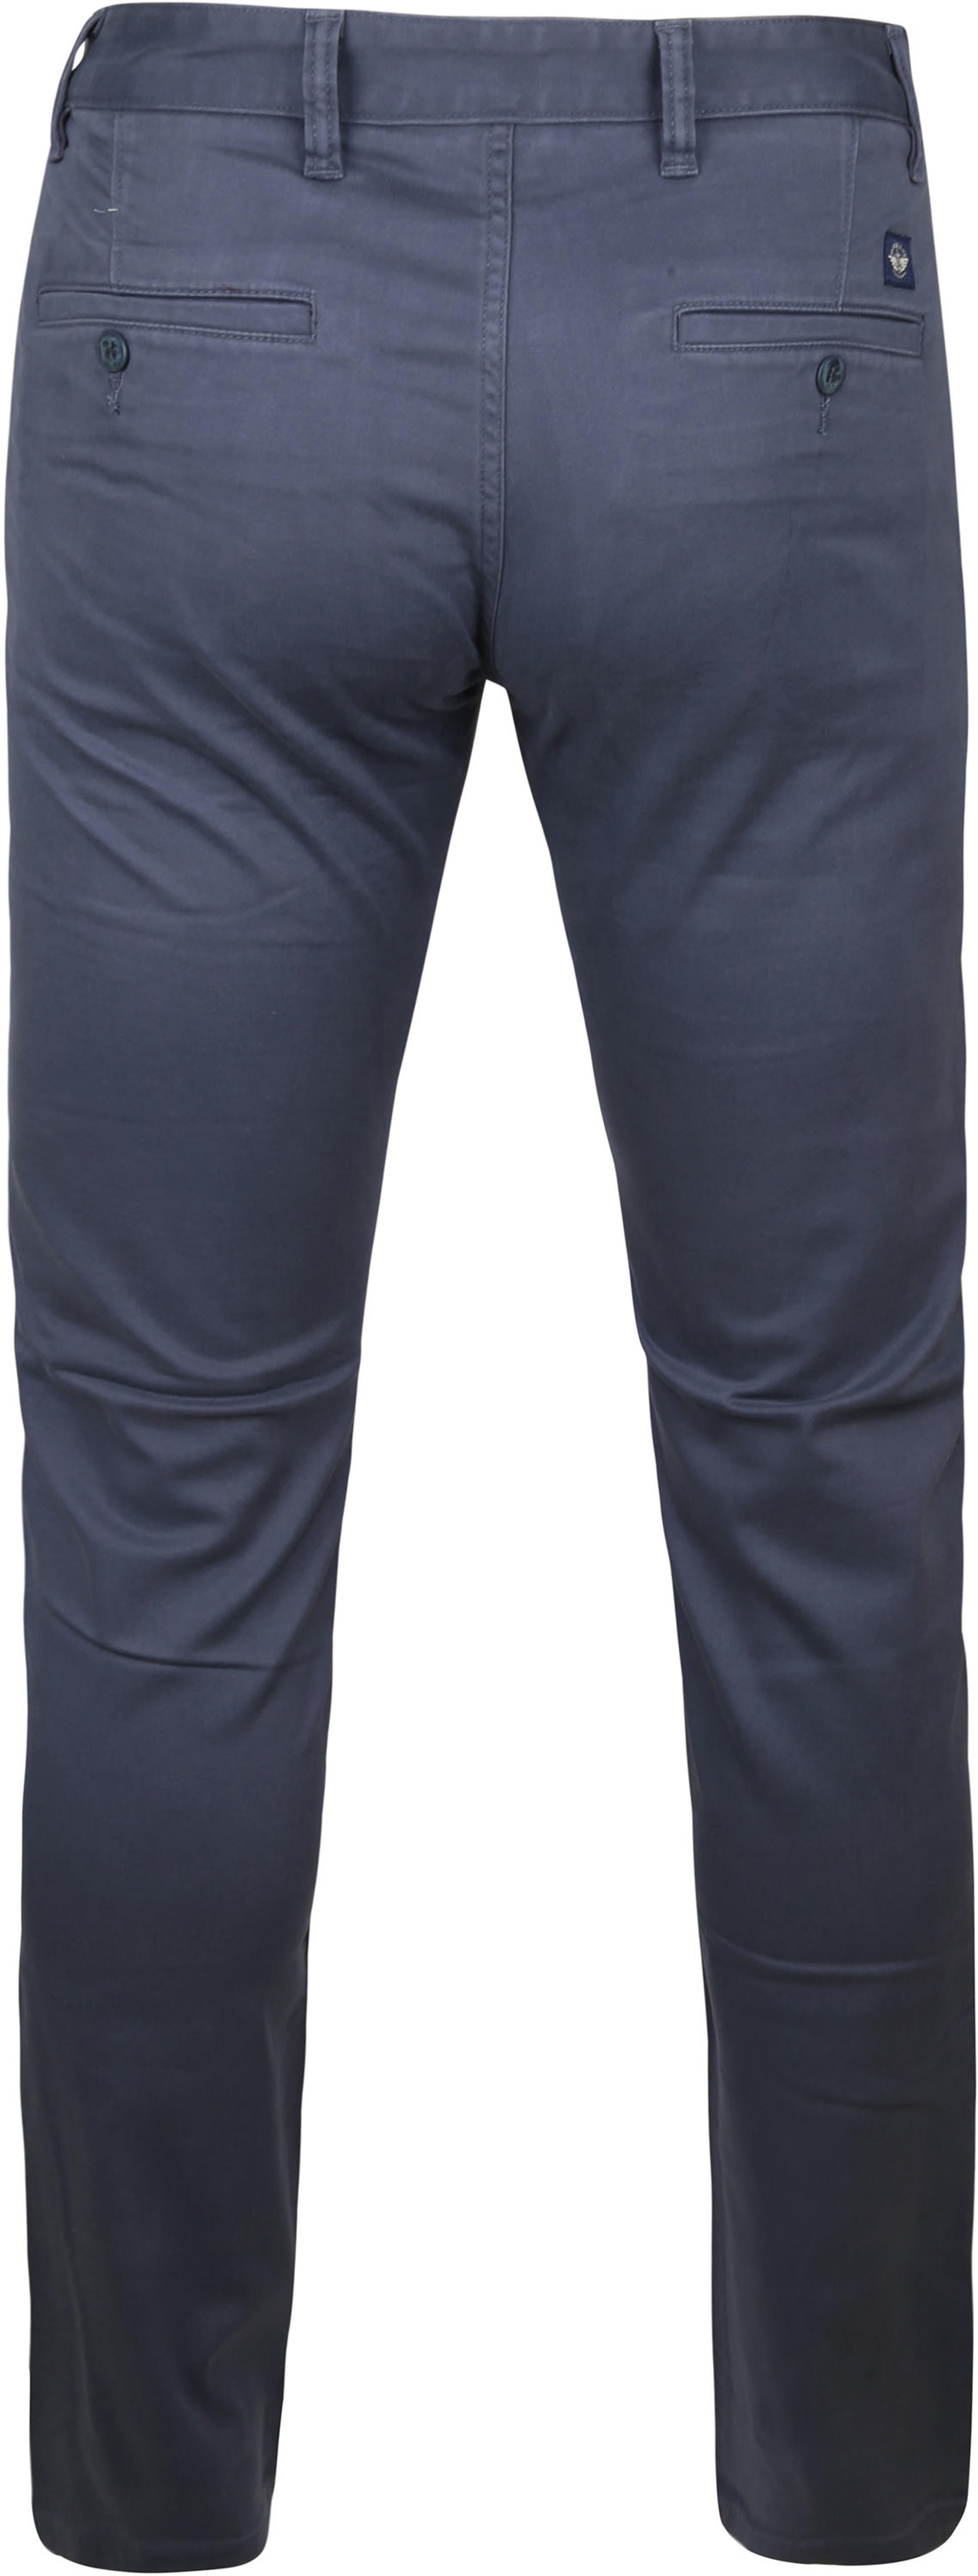 Dockers Alpha Skinny Chino Blauw